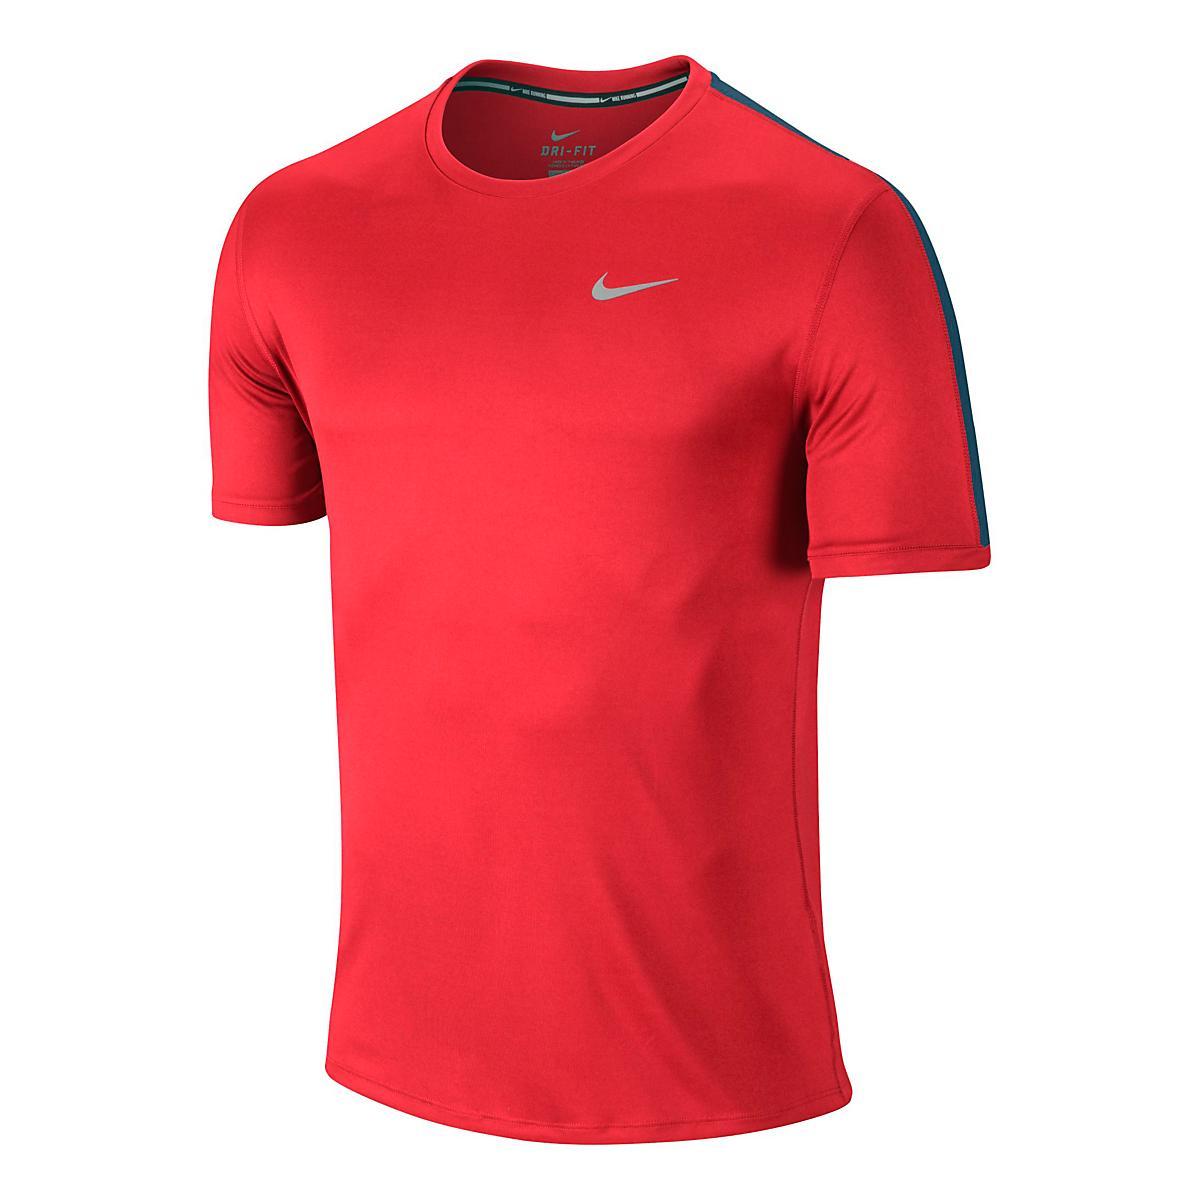 Men's Nike�Relay Short Sleeve